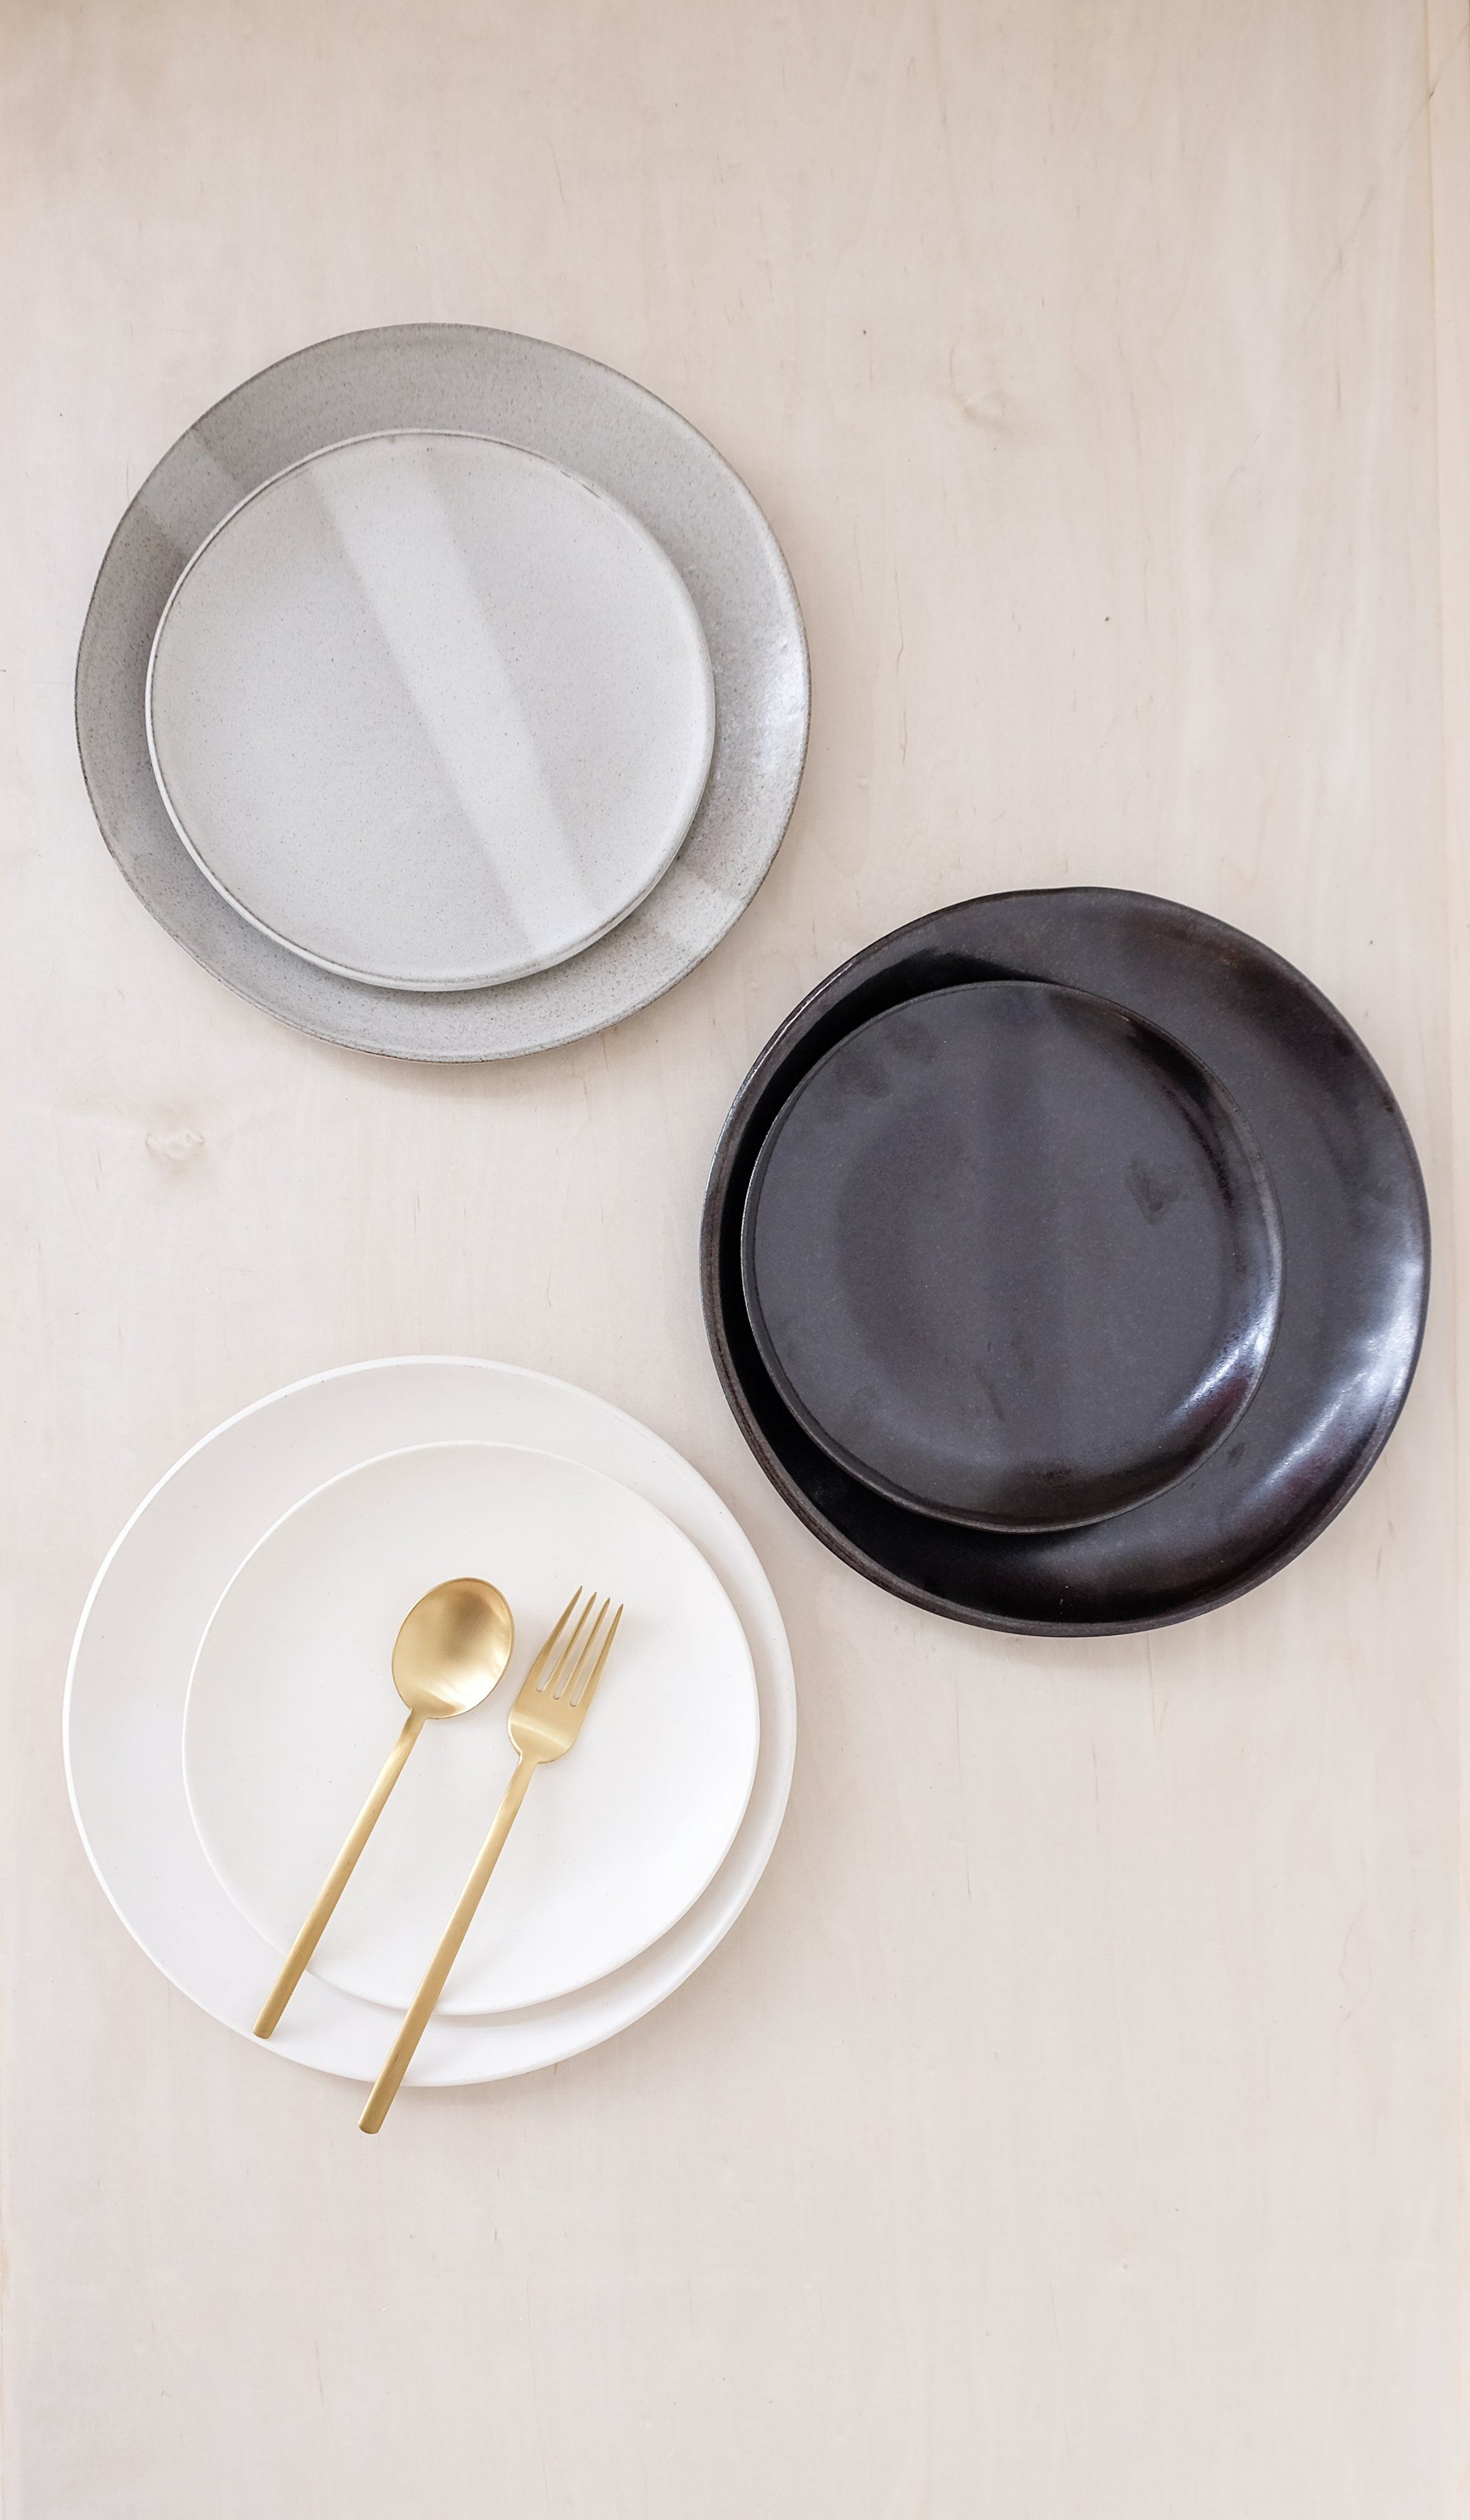 Eric Bonnin Sylvia Ceramic Plates Set Of 4 In 2020 Plates Ceramic Plates Modern Plates